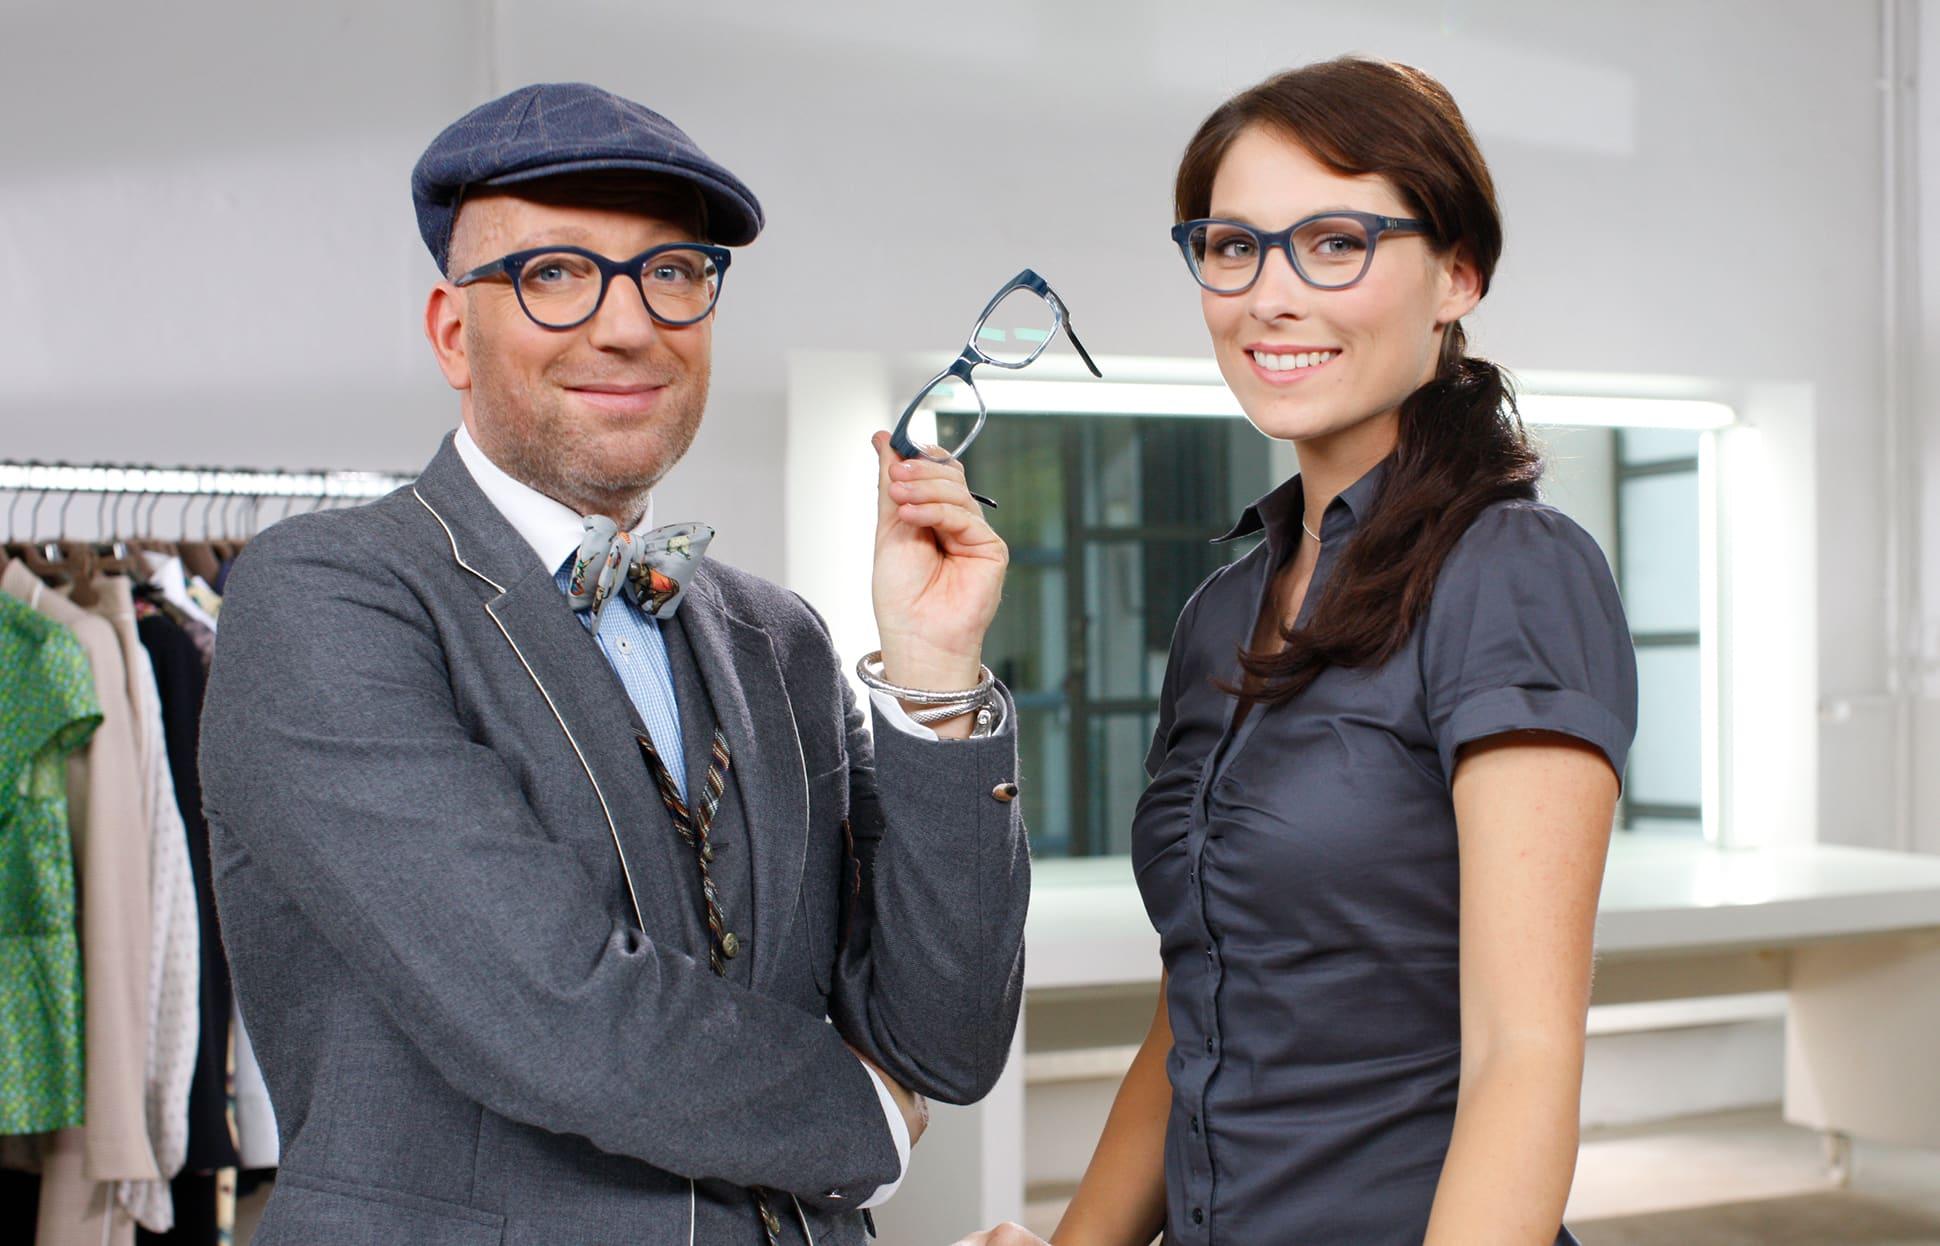 gesichtsformen welche brille ist die richtige. Black Bedroom Furniture Sets. Home Design Ideas